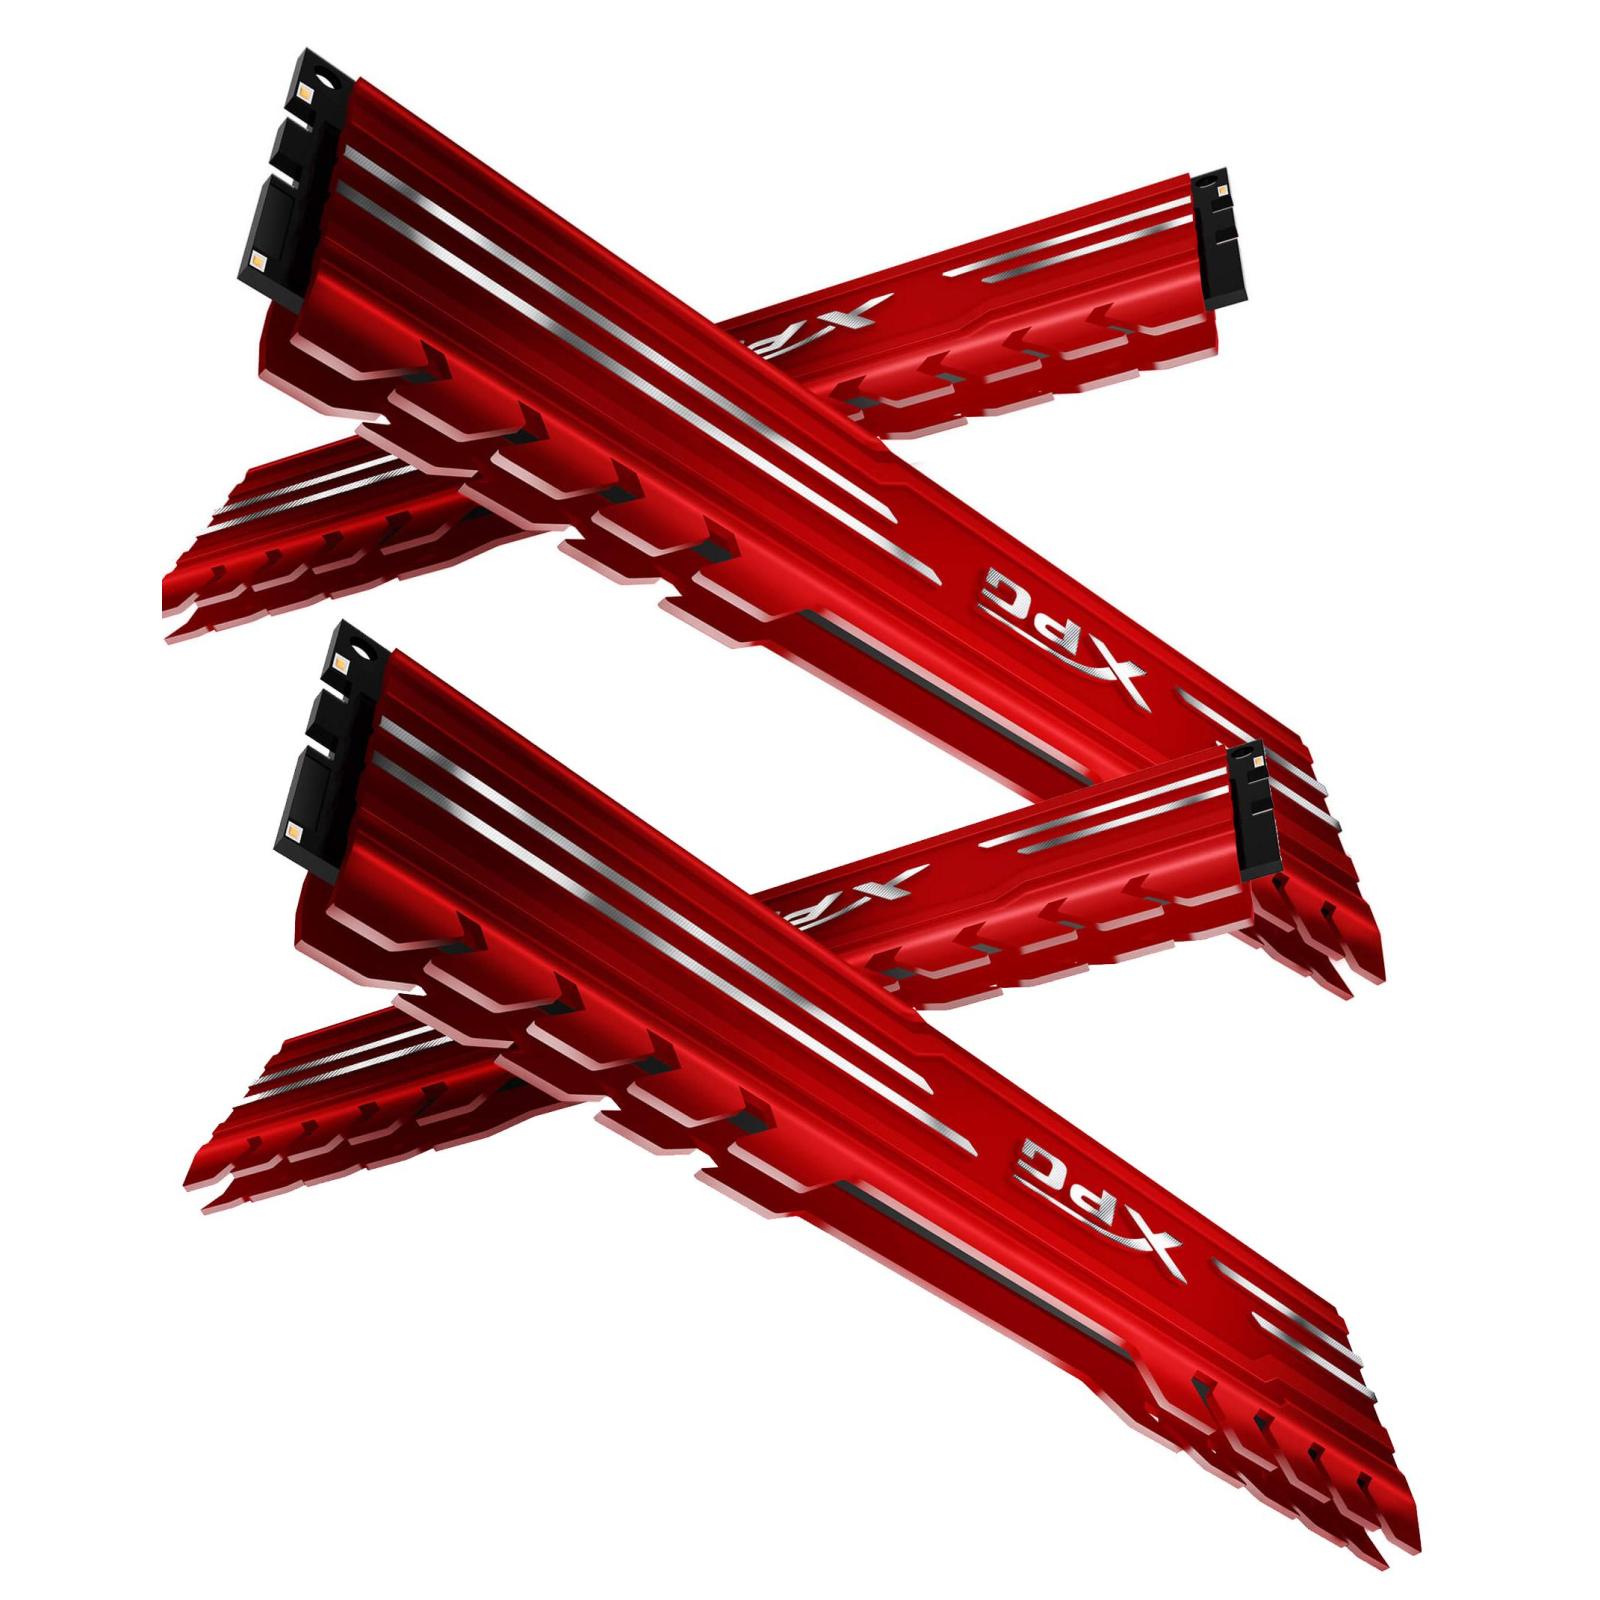 Модуль памяти для компьютера DDR4 16GB (4x4GB) 3000 MHz XPG Gammix D10 Red ADATA (AX4U3000W4G16-QRG) изображение 3